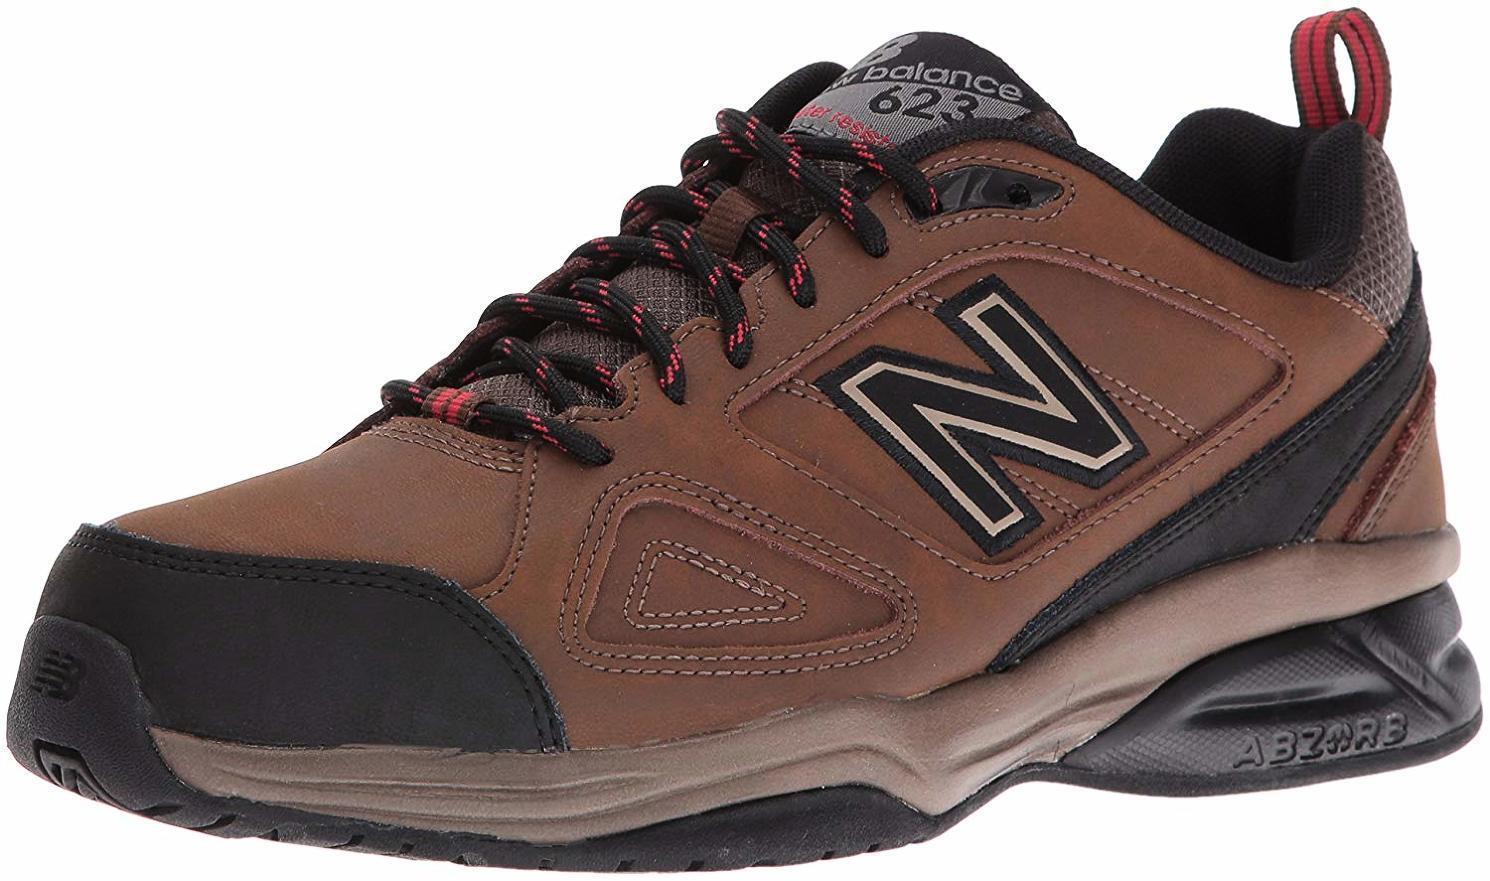 623v3 Cuero Zapatilla Zapato New Balance entrenamiento para hombres-elegir talla Color